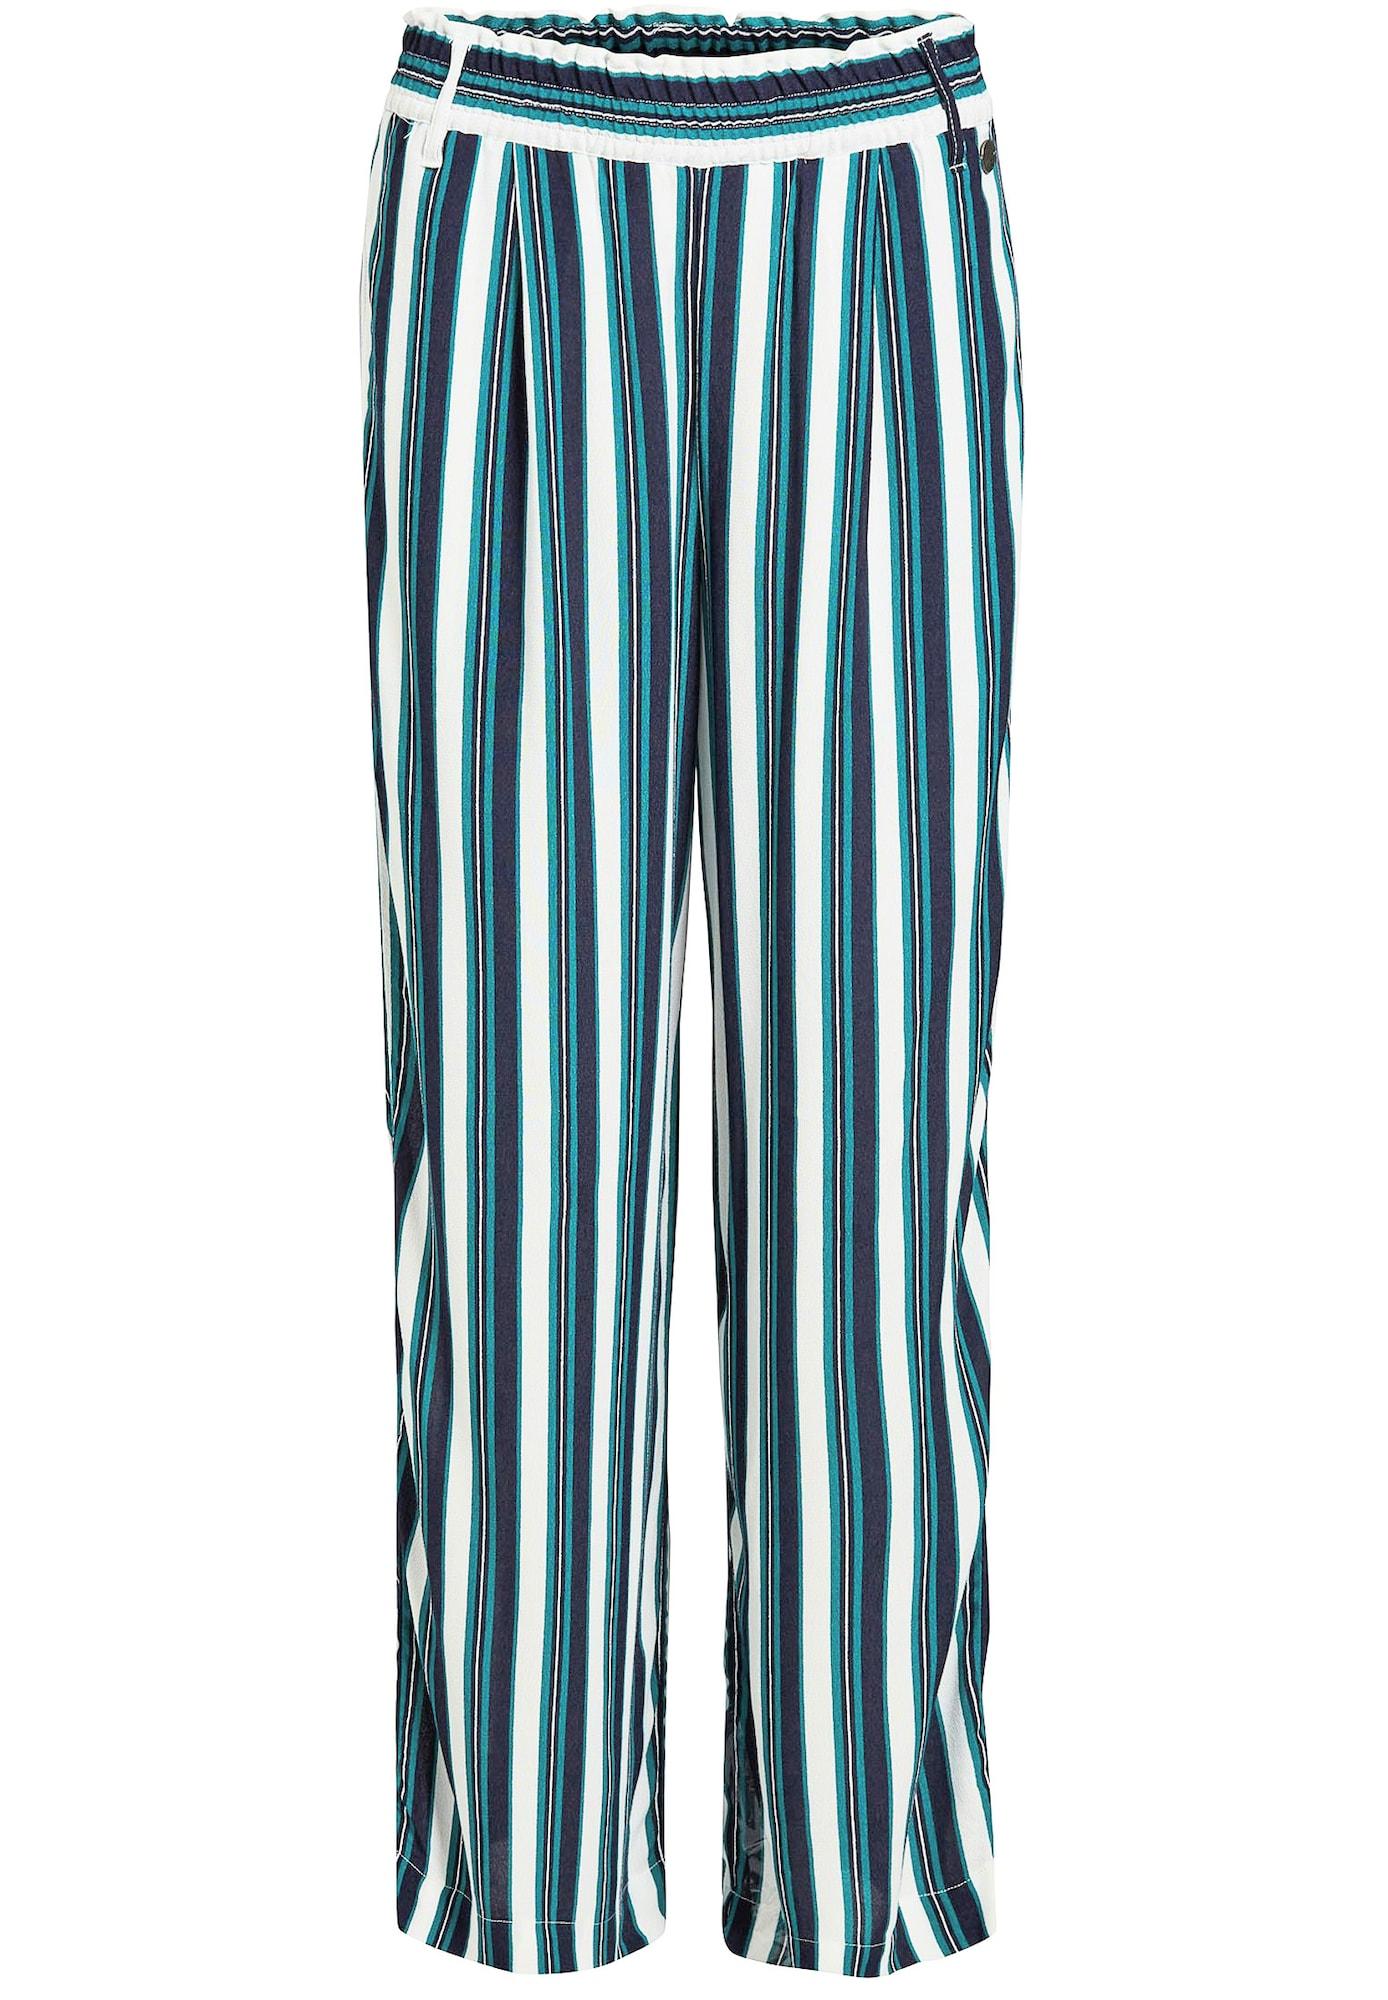 Kalhoty Carene námořnická modř petrolejová bílá Khujo